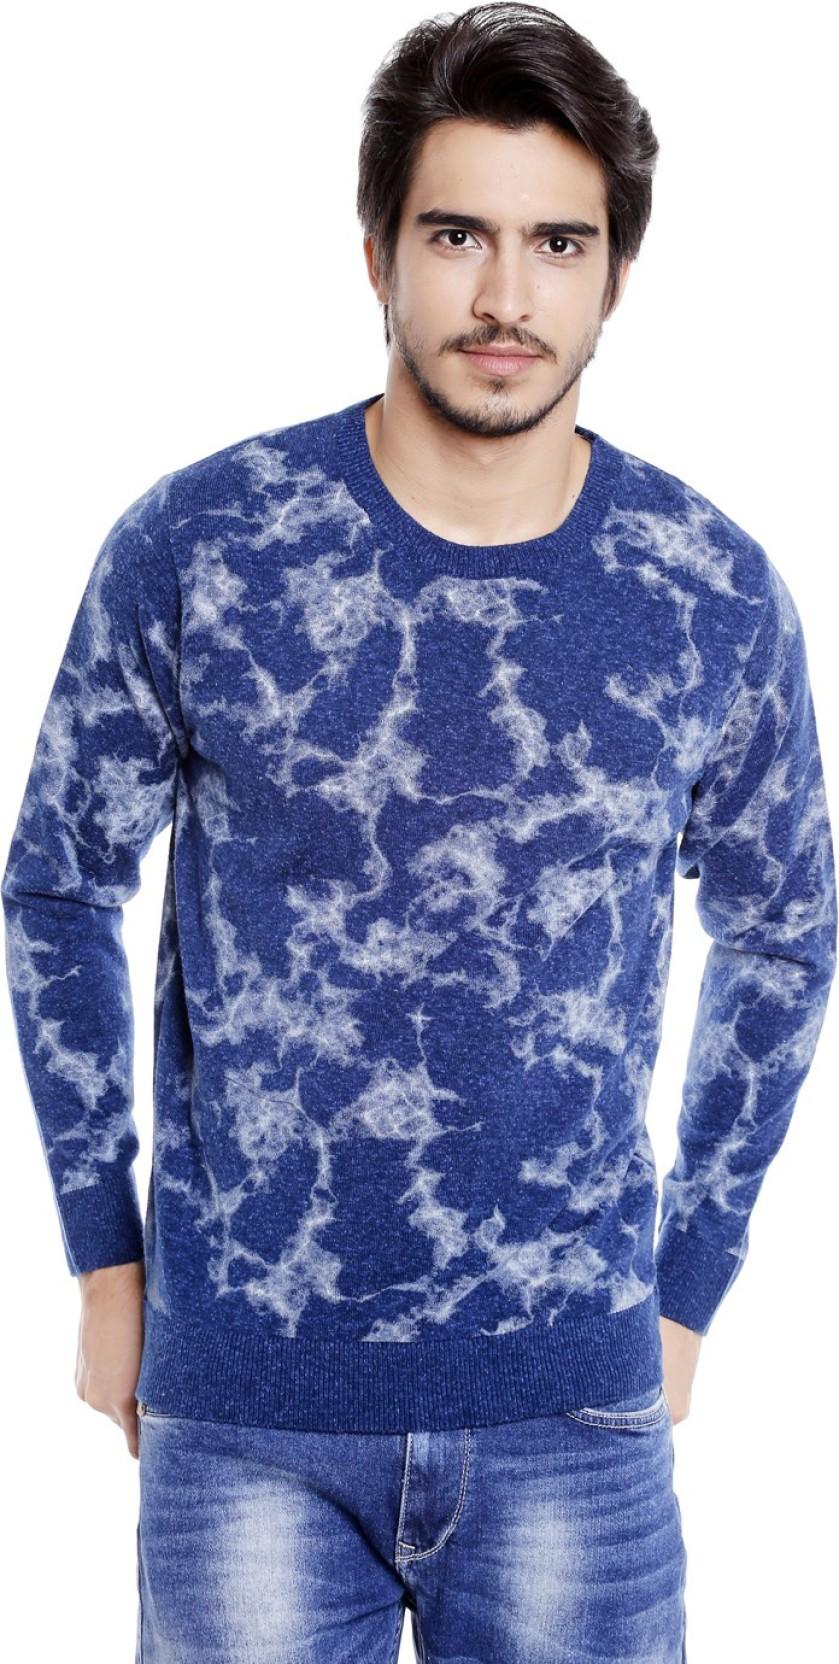 4724e1029c2 Globus Self Design Round Neck Casual Men s Blue Sweater - Buy Globus ...